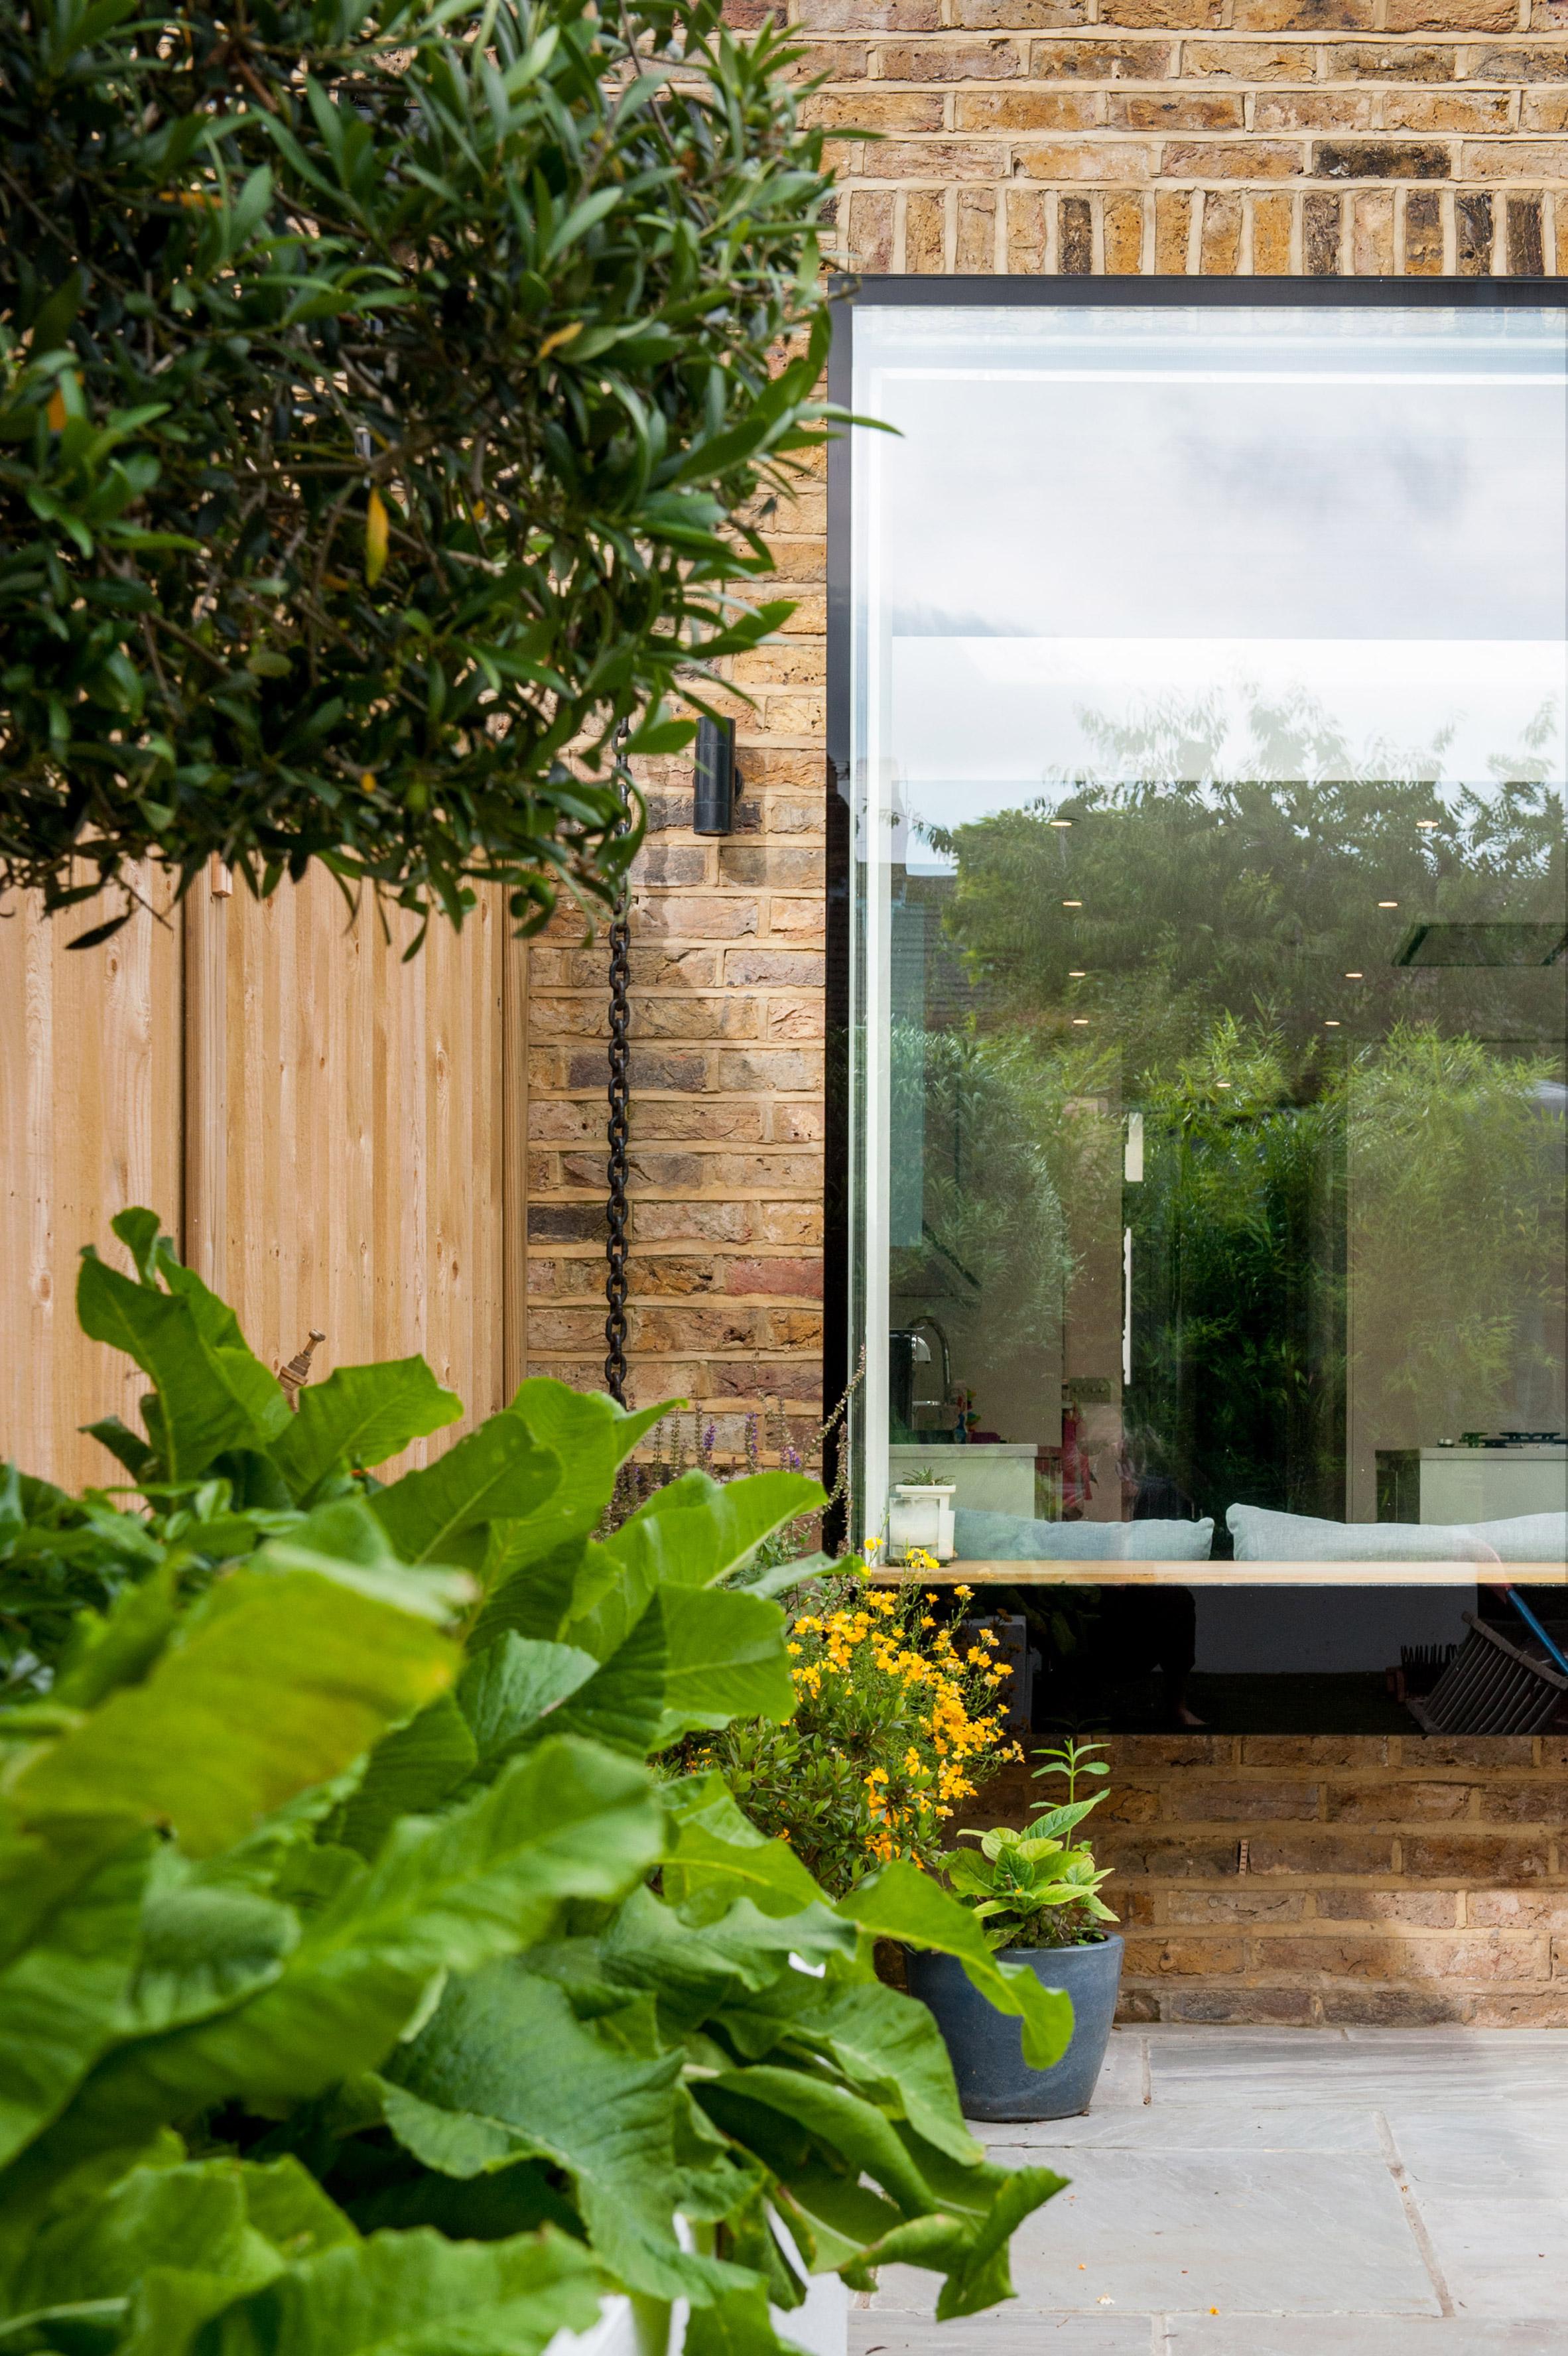 What's Hot on Pinterest- 5 Inspiring Modern Home Decor Ideas! modern home decor ideas What's Hot on Pinterest: 5 Inspiring Modern Home Decor Ideas! Whats Hot on Pinterest 5 Inspiring Modern Home Decor Ideas 5